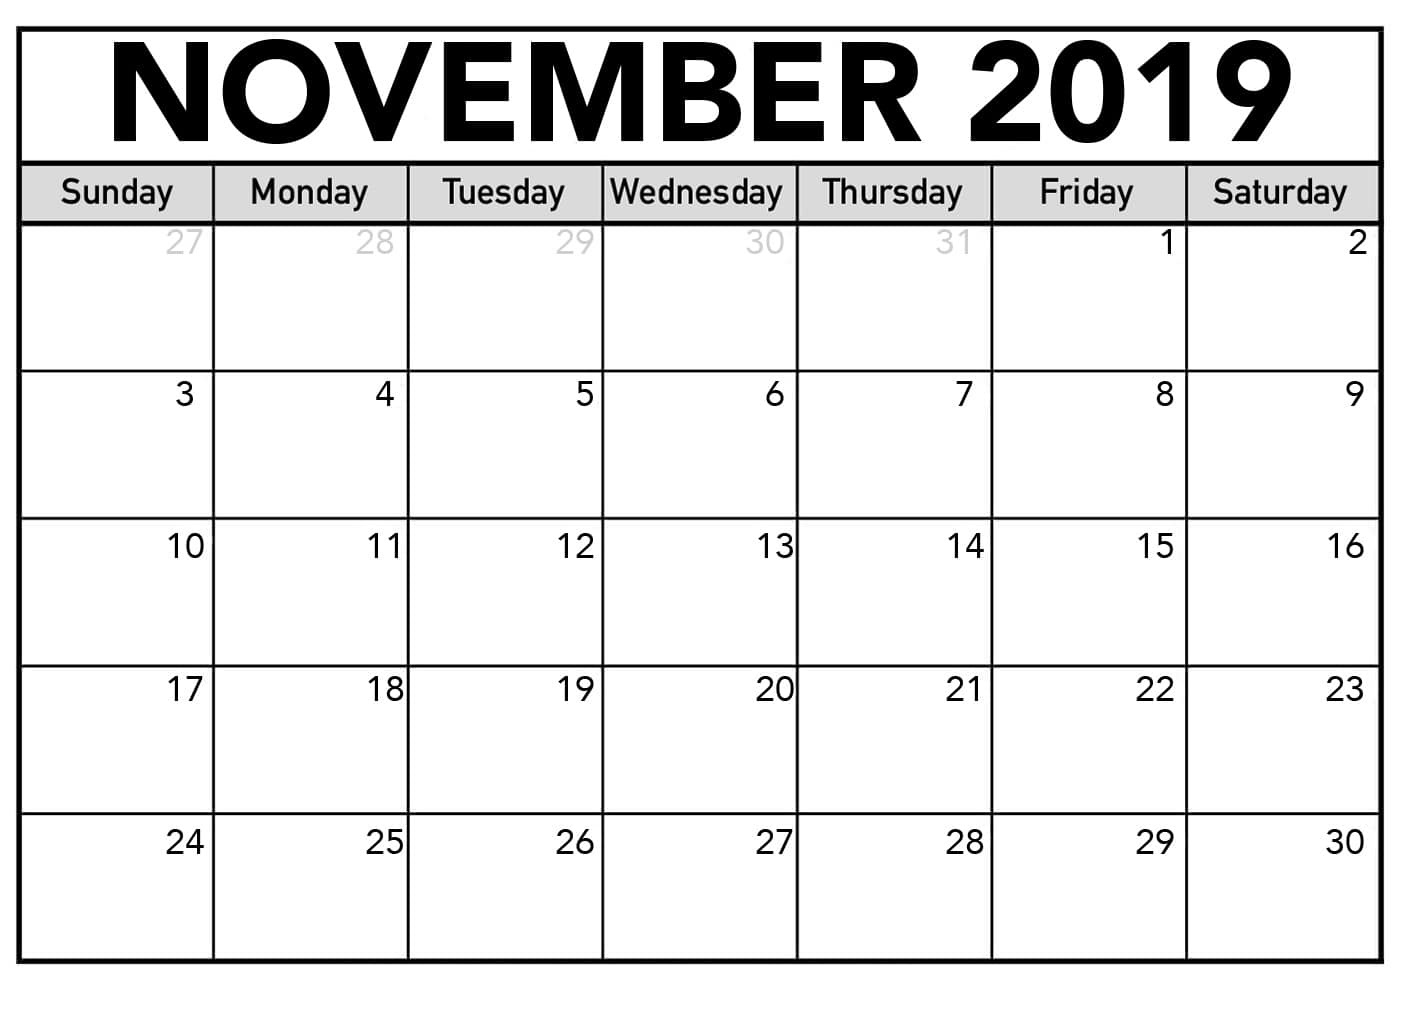 November 2019 PDF Calendar With Holidays